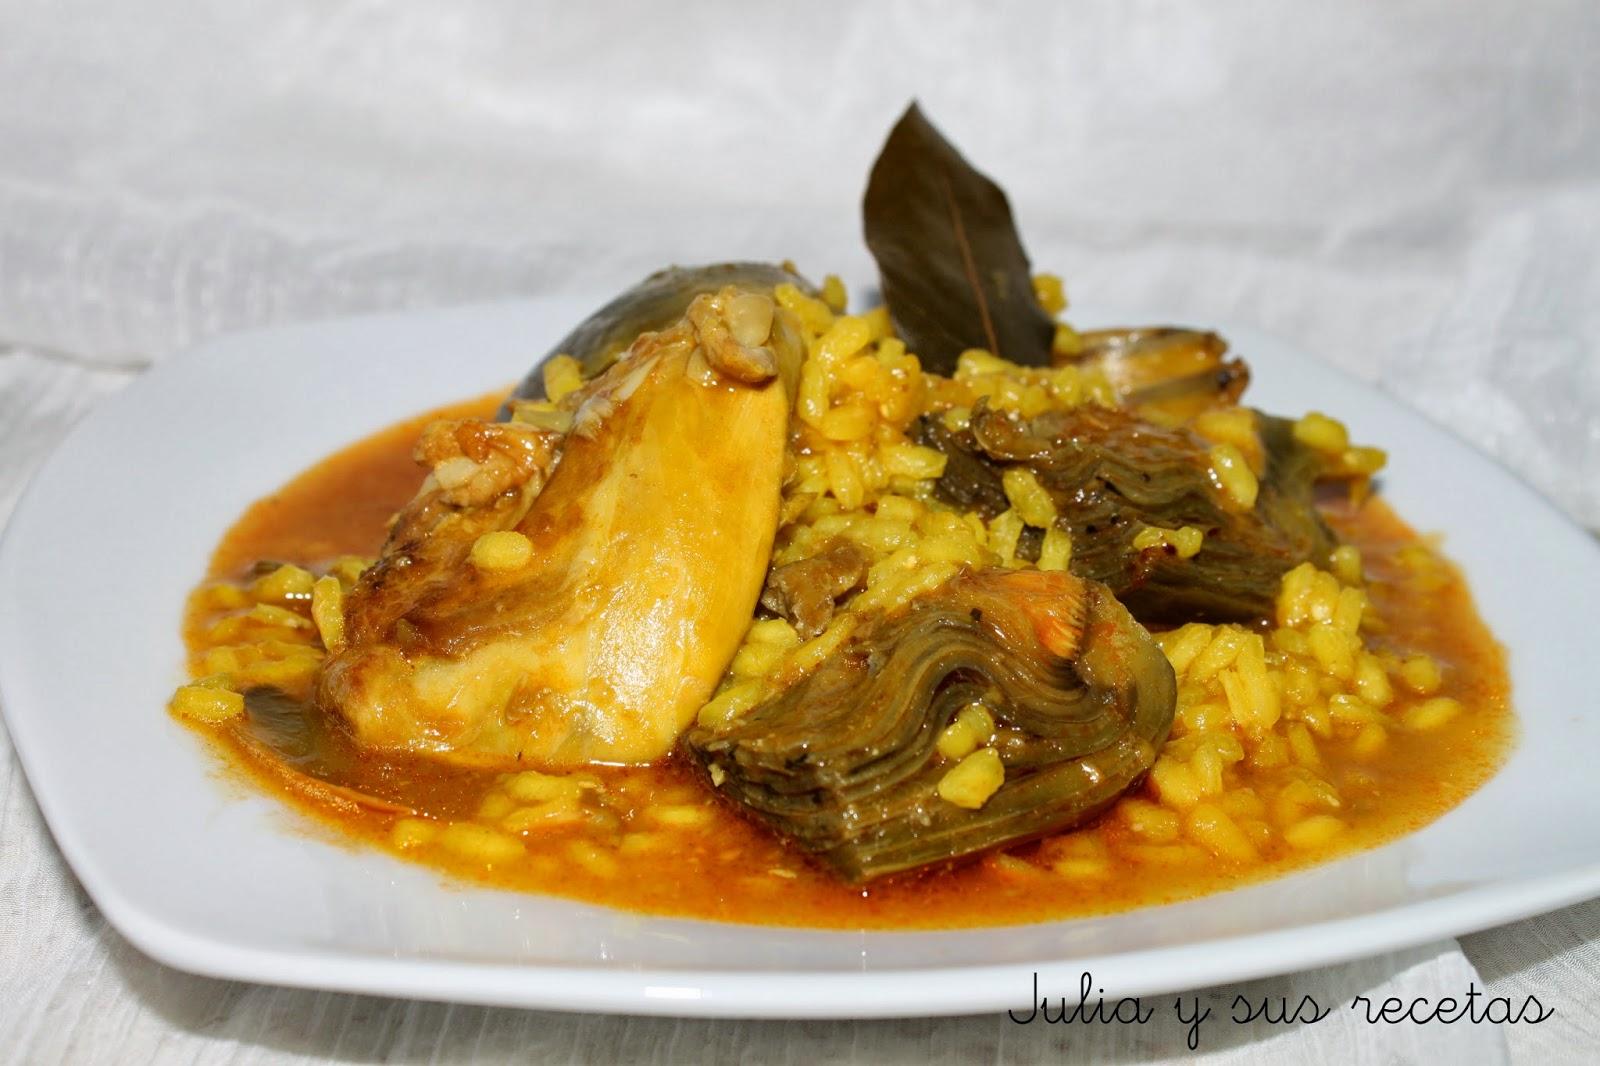 Julia y sus recetas arroz caldoso con alcachofas y conejo - Arroz con alcachofas y jamon ...